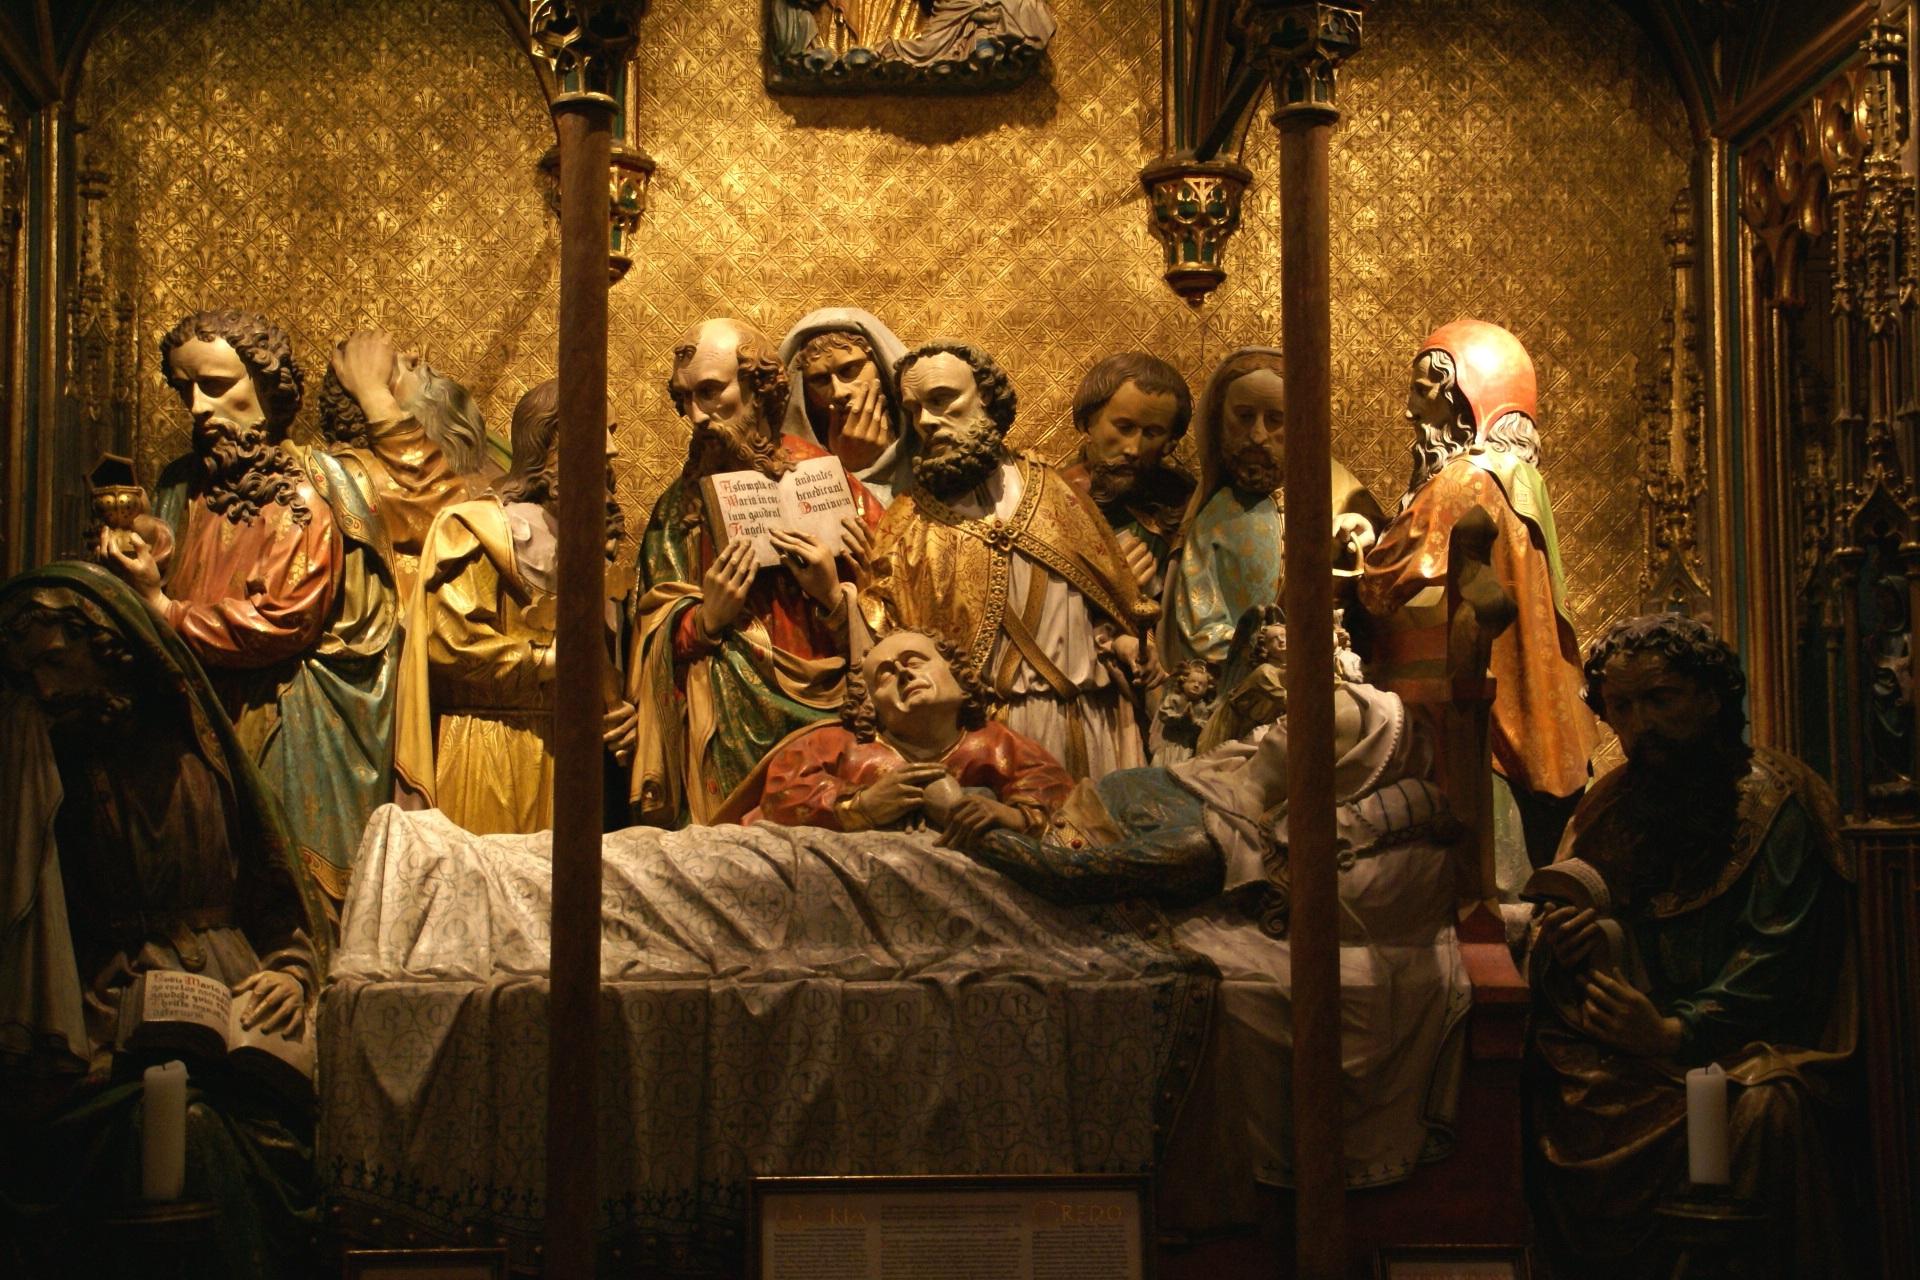 images gratuites int rieur d cor religieux art statues allemagne diorama chiffres. Black Bedroom Furniture Sets. Home Design Ideas